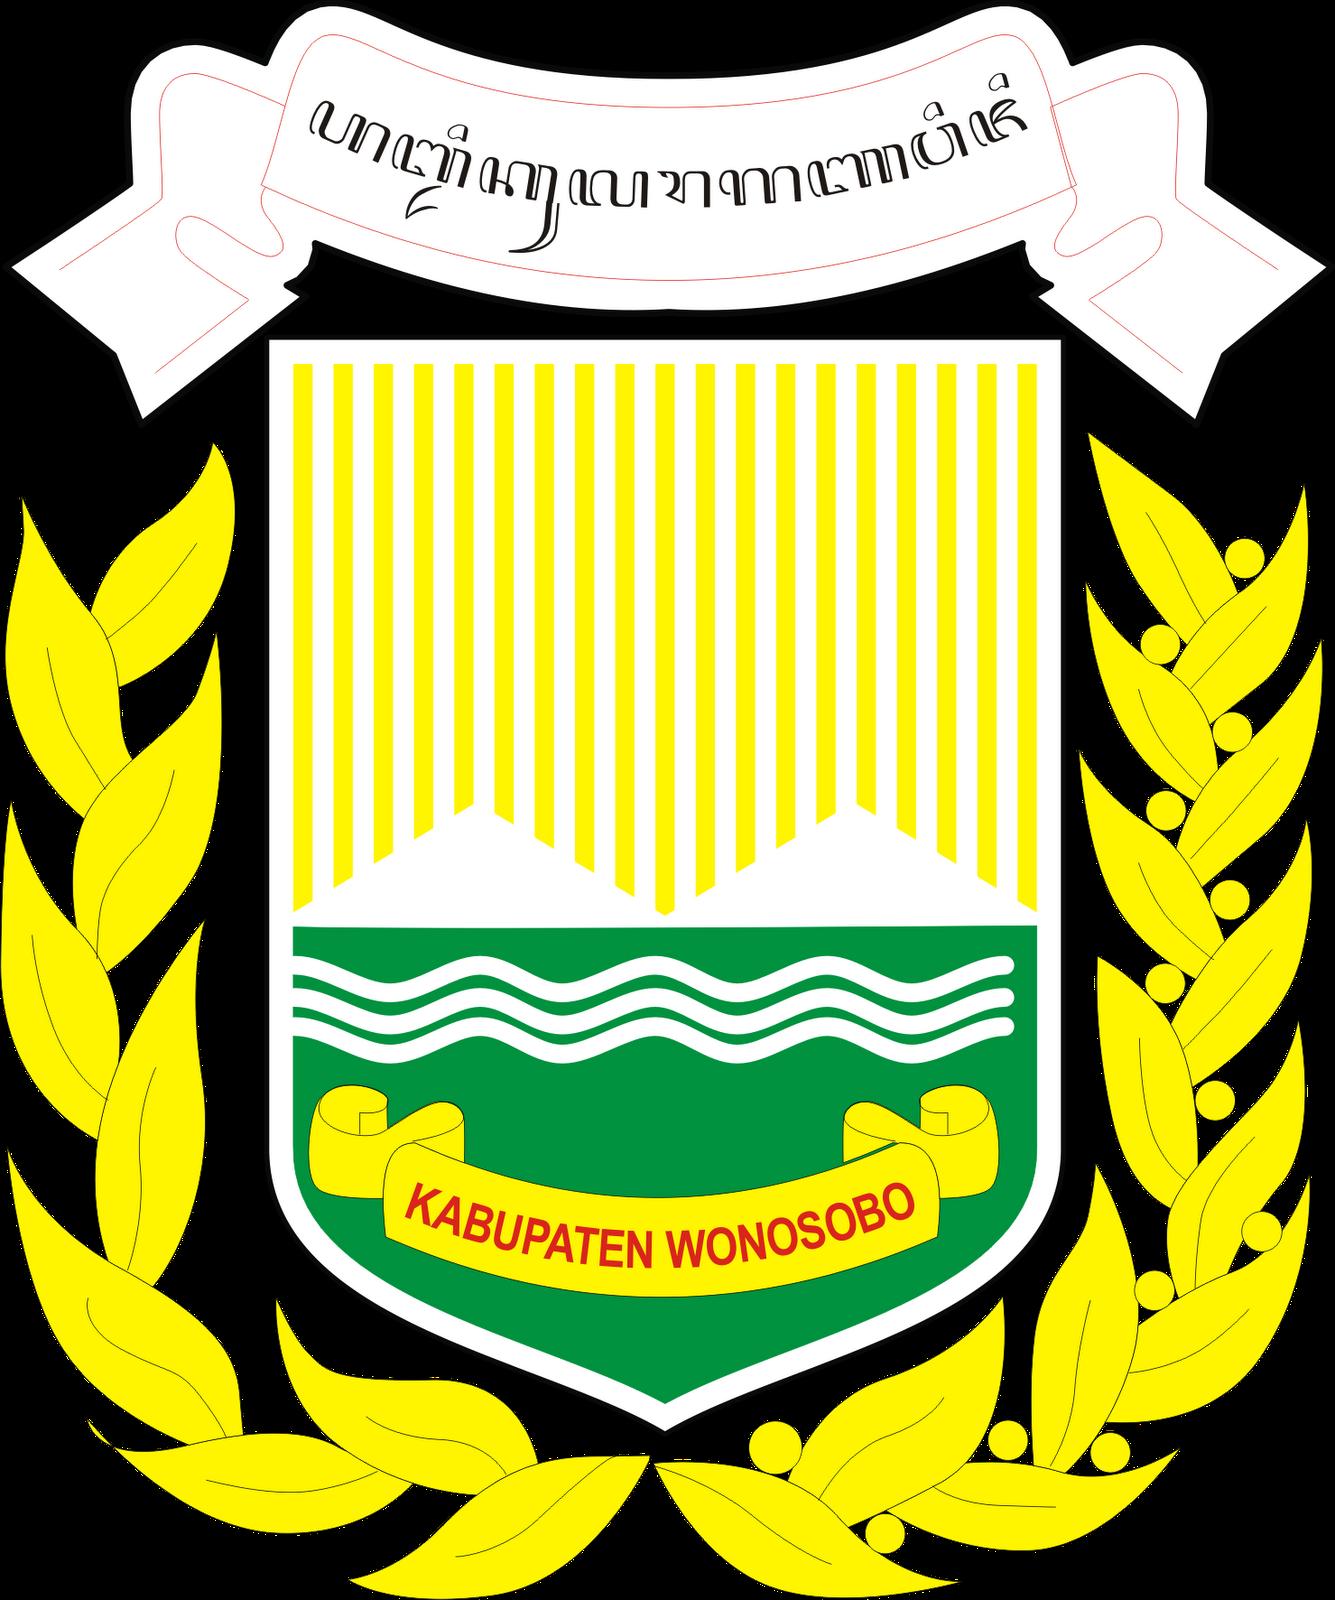 Logo Kabupaten Wonosobo Provinsi Jawa Tengah Logo Lambang Indonesia